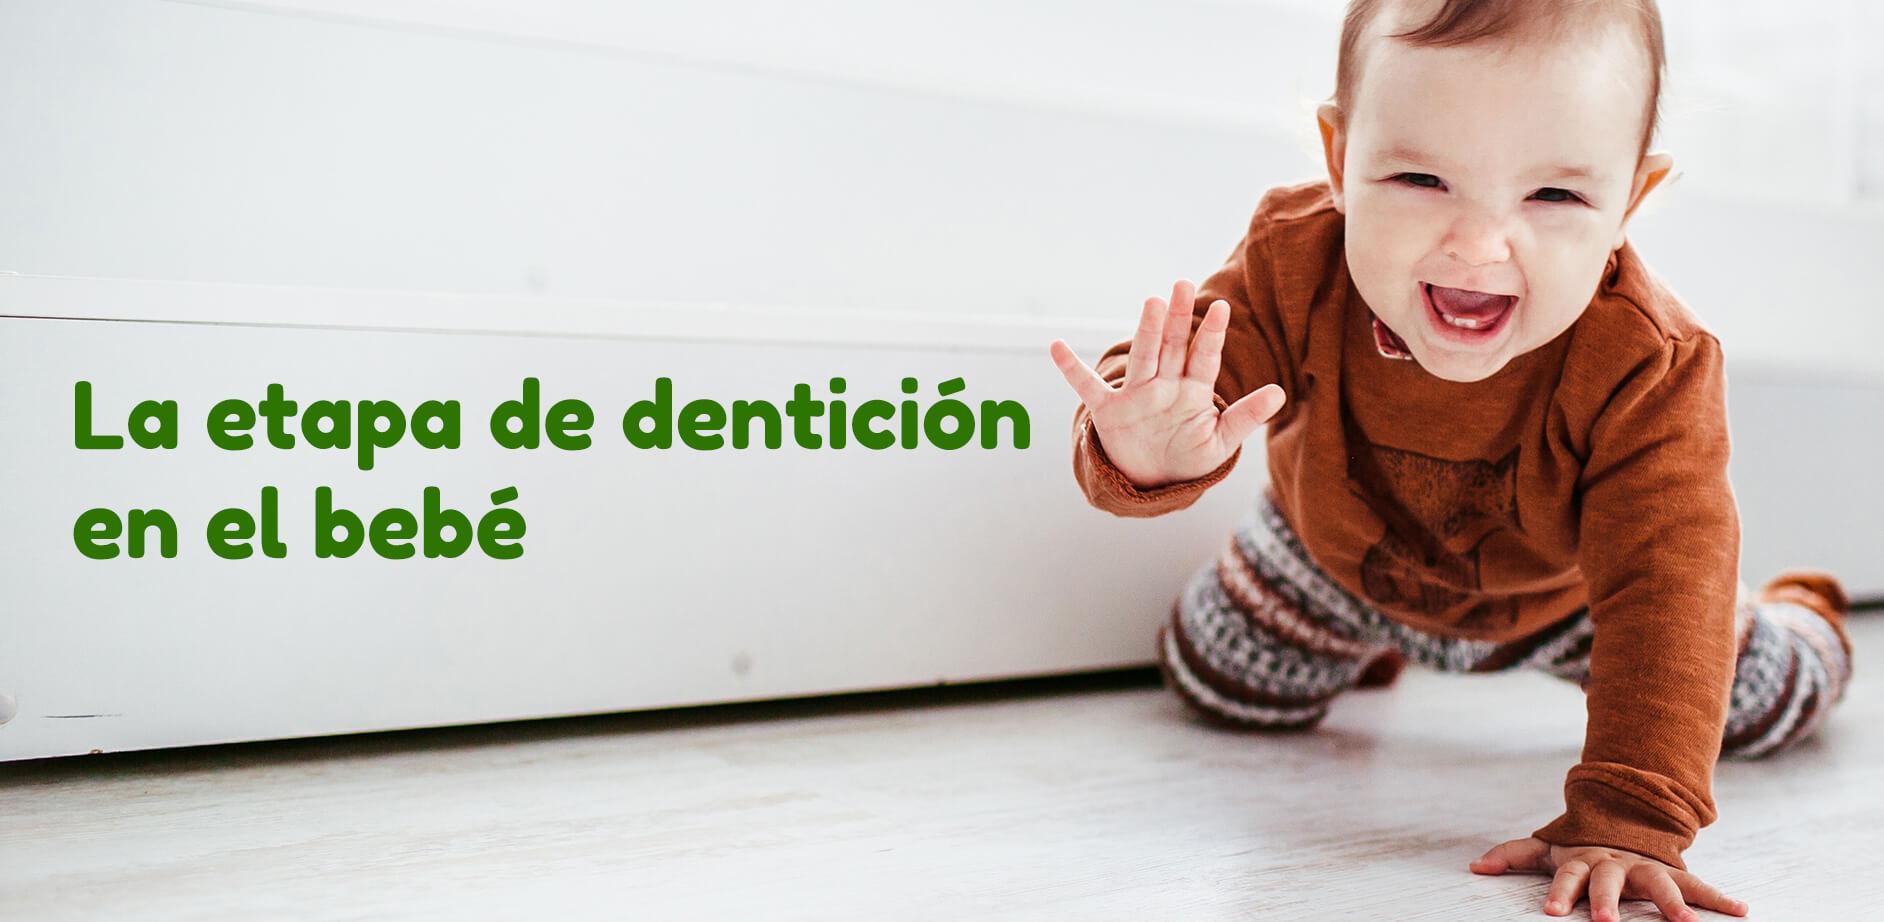 La-etapa-de-denticion-dientes-en-el-bebe